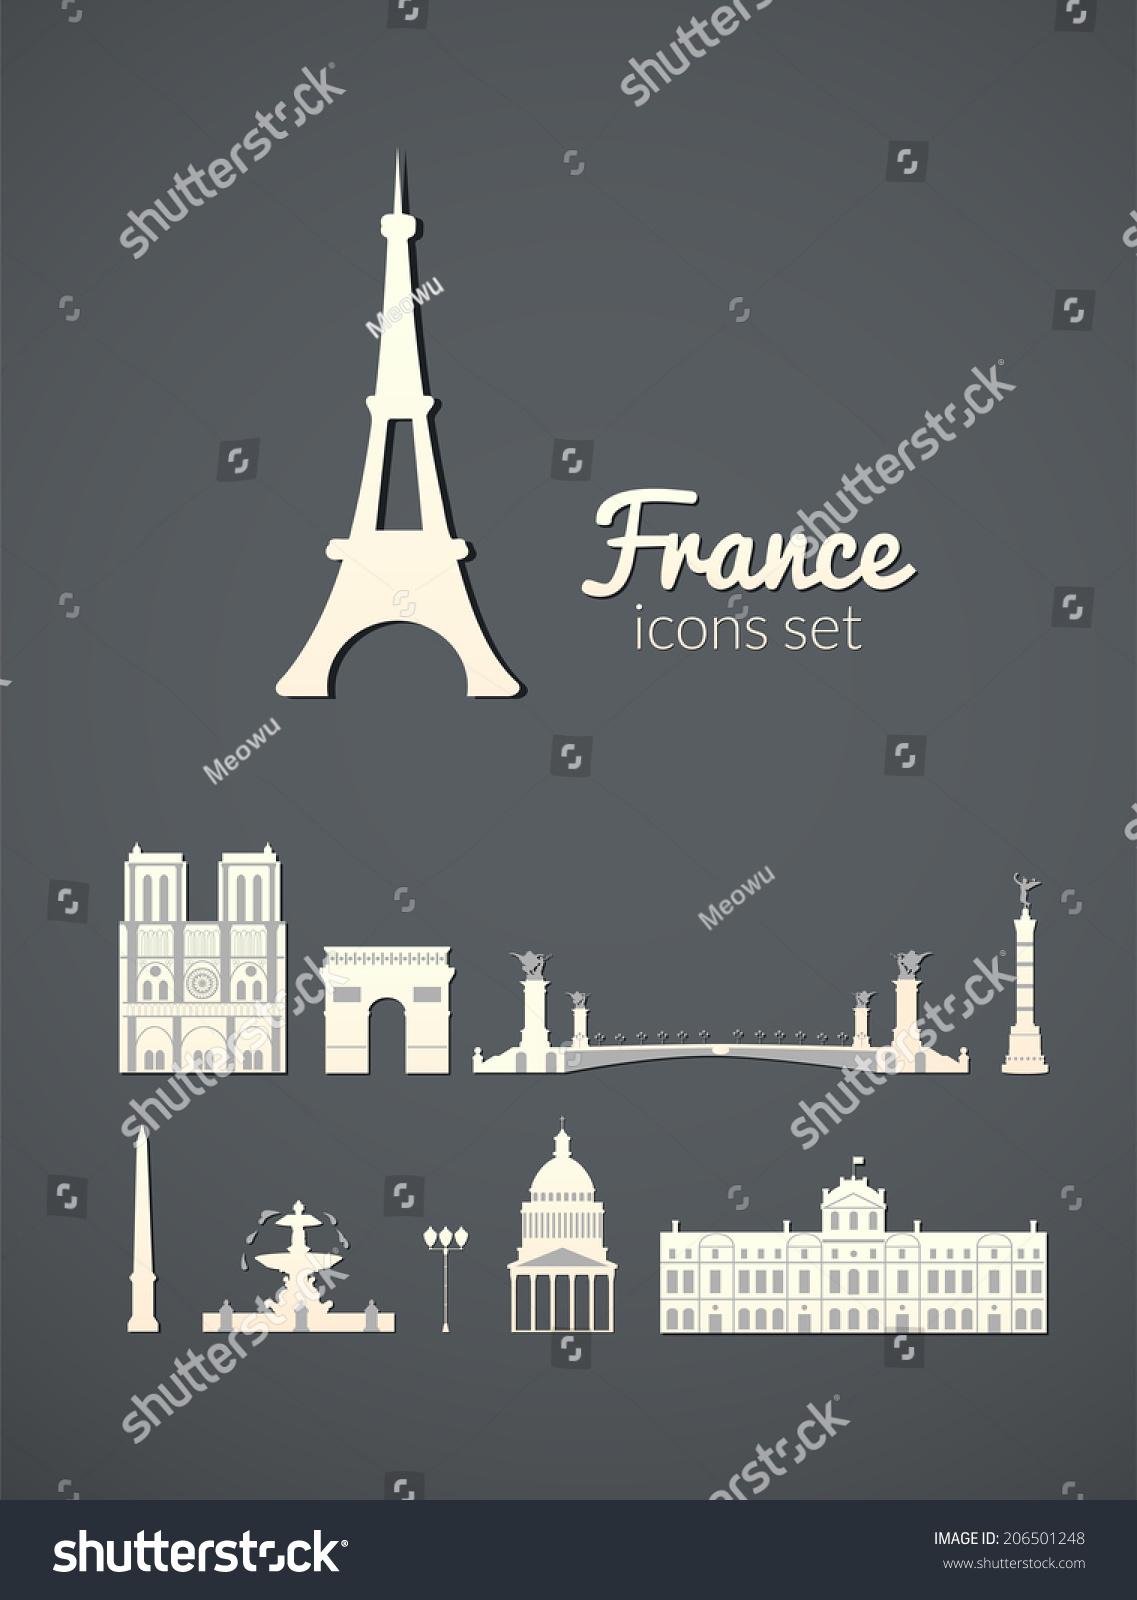 巴黎的地标,灰色优雅背景的矢量简单白图标-建筑物